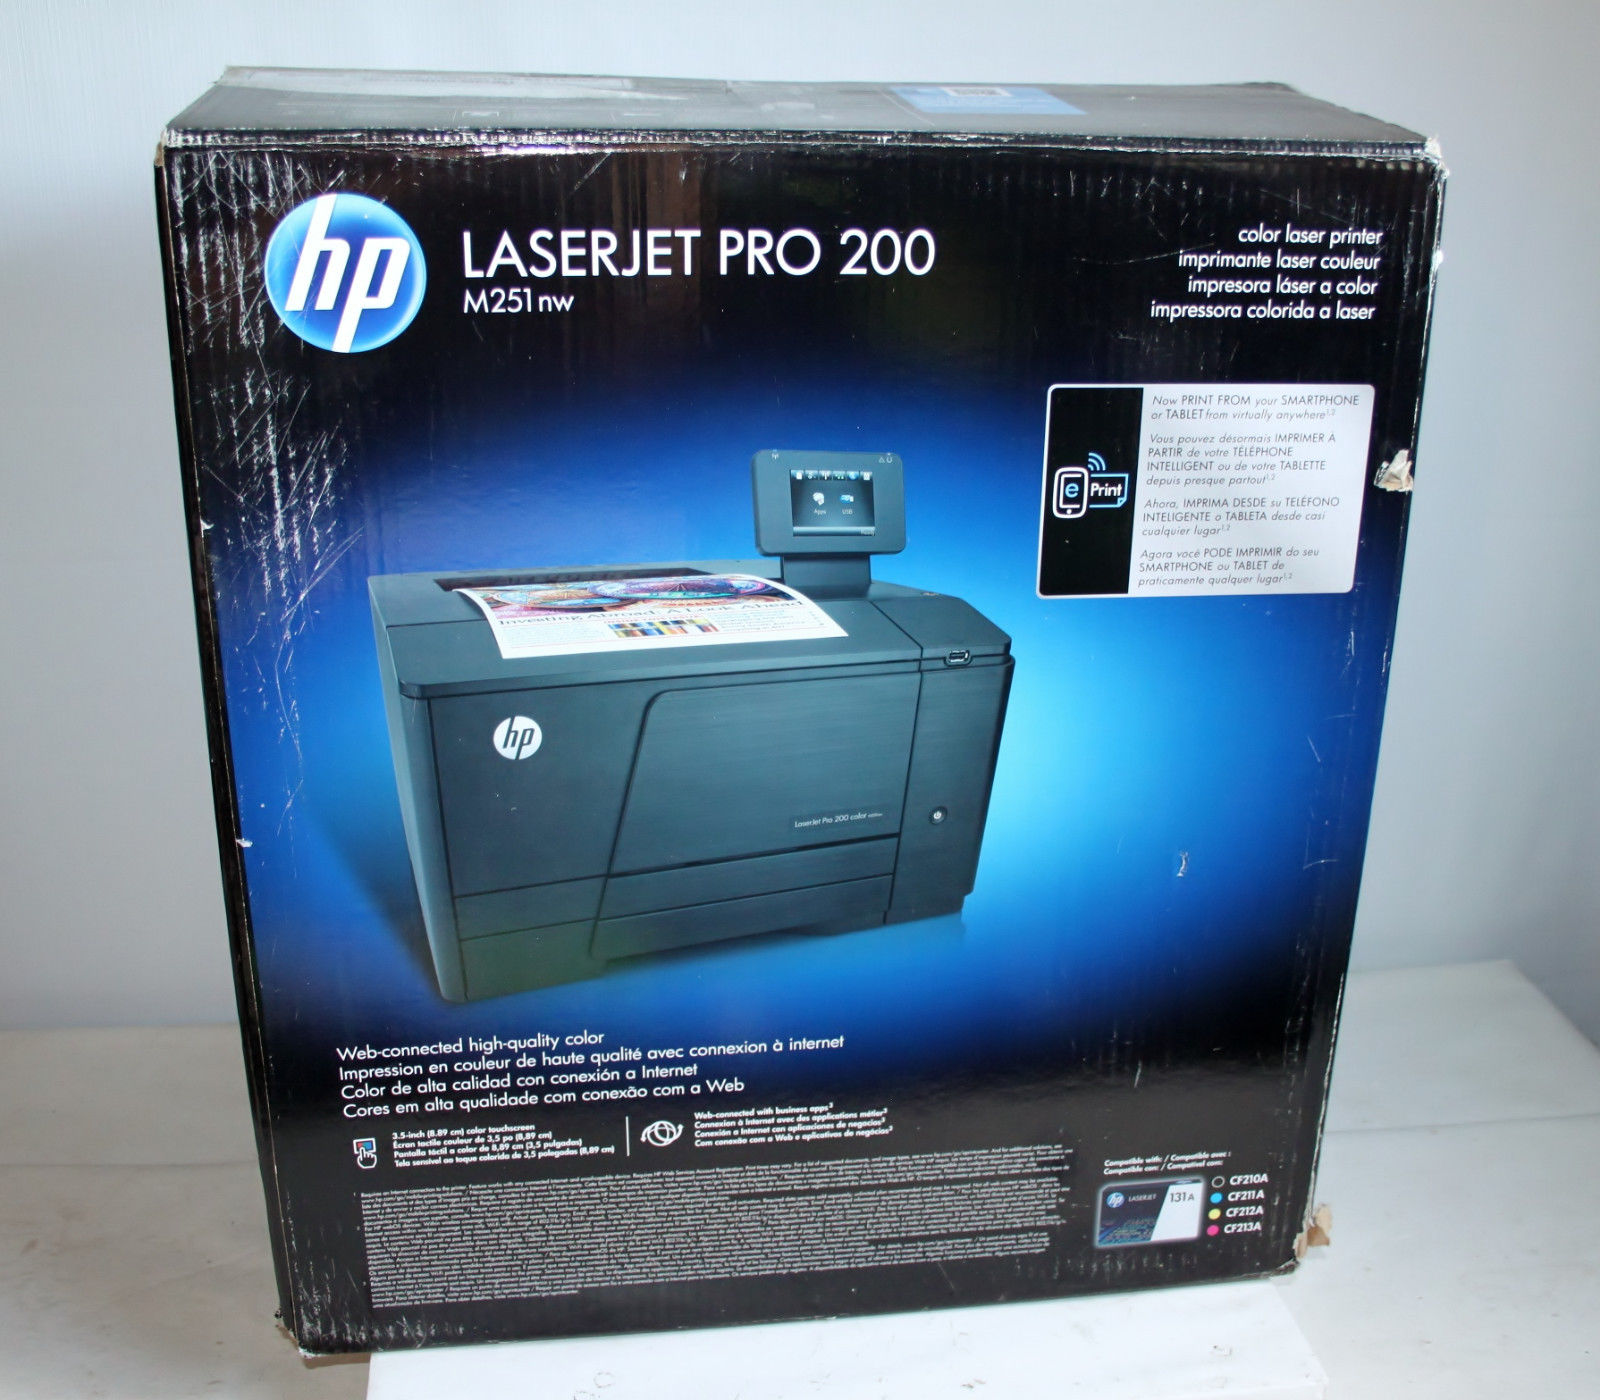 hp laserjet pro 200 m251nw wireless color printer. Black Bedroom Furniture Sets. Home Design Ideas